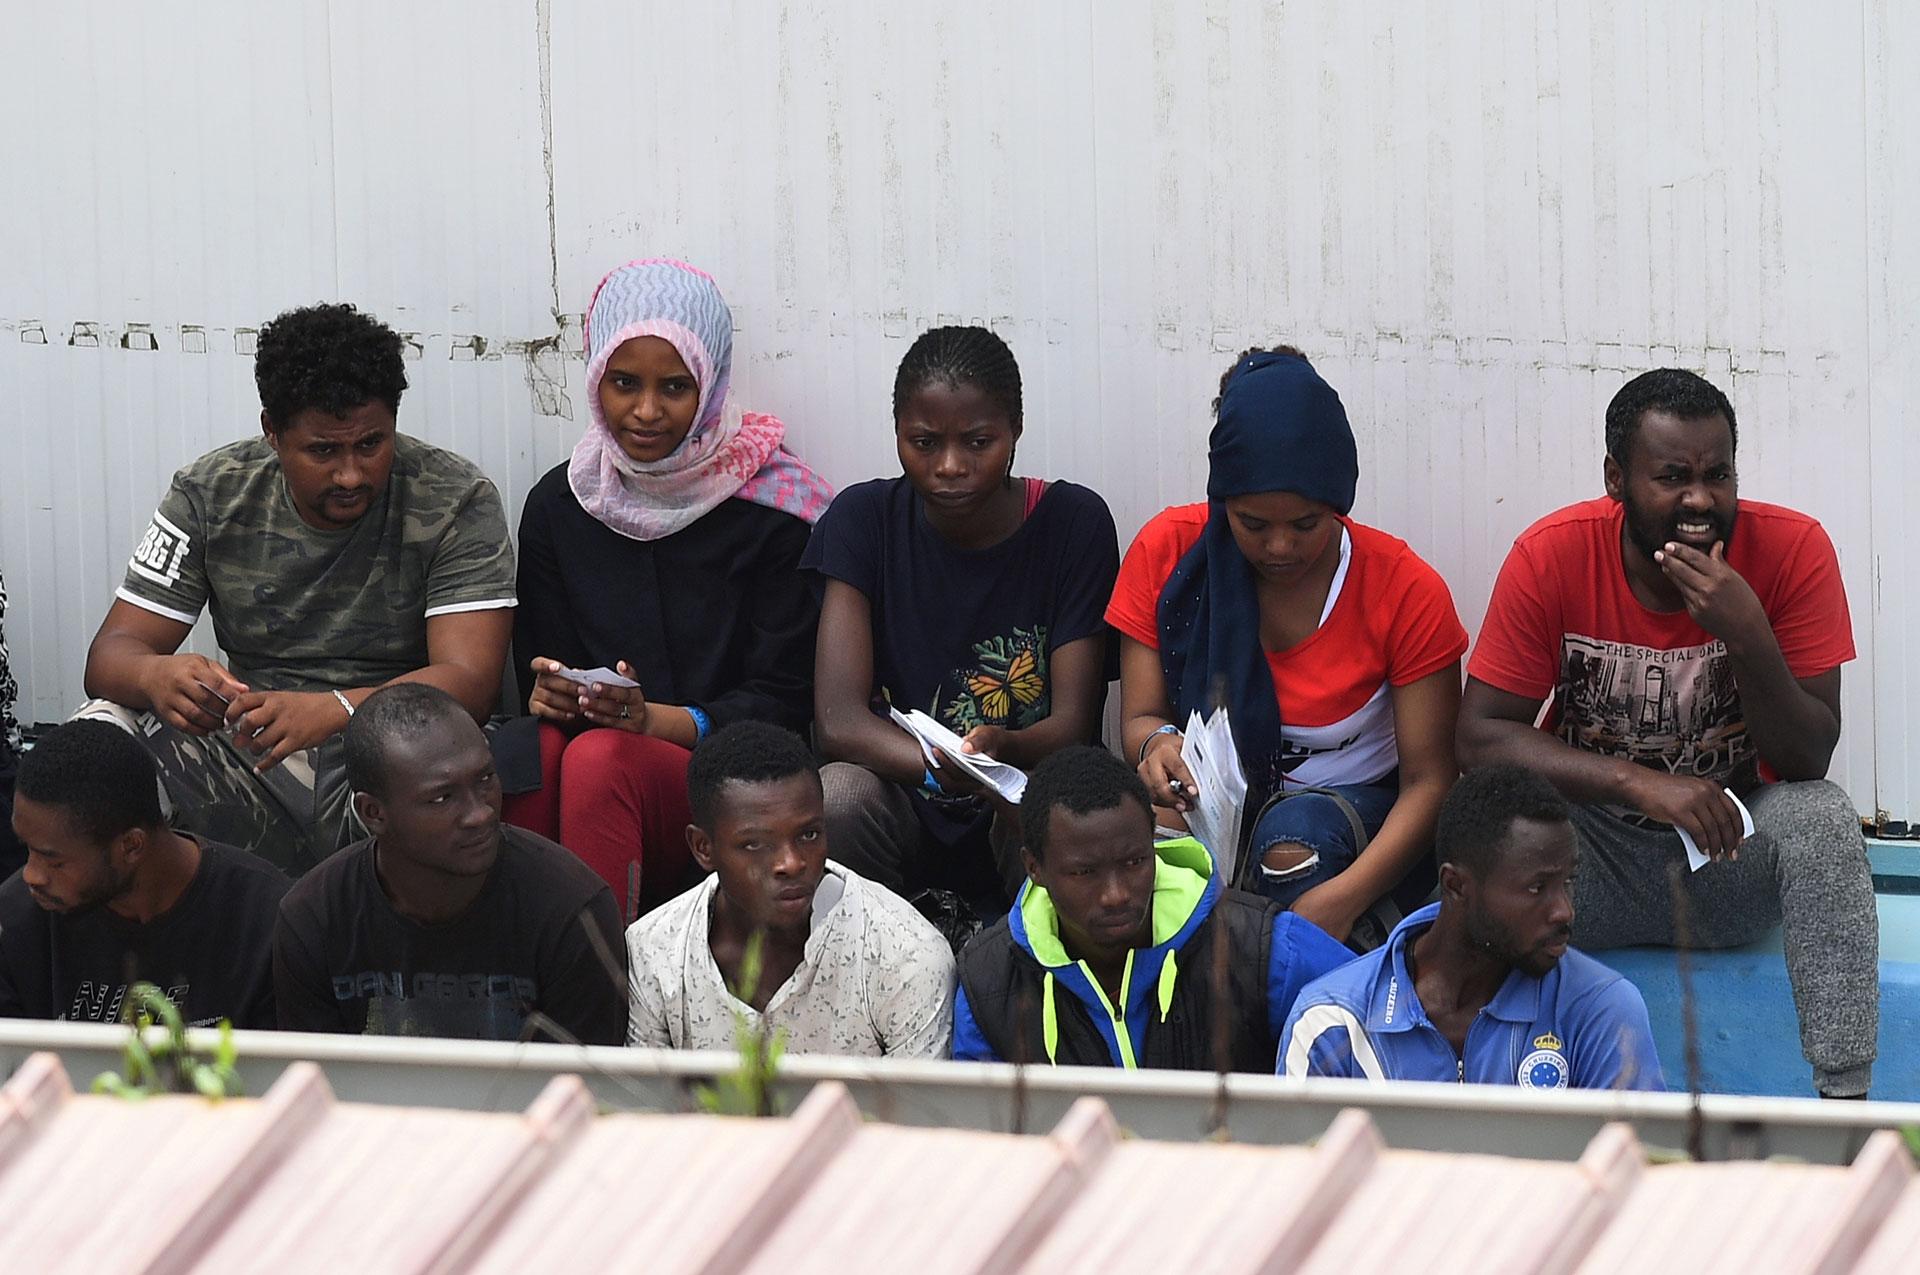 Tras el desembarco, el martes a la noche, algunos de los migrantes son vistos en el centro de inmigración de la meridional isla siciliana de Lampedusa (REUTERS/Guglielmo Mangiapane)